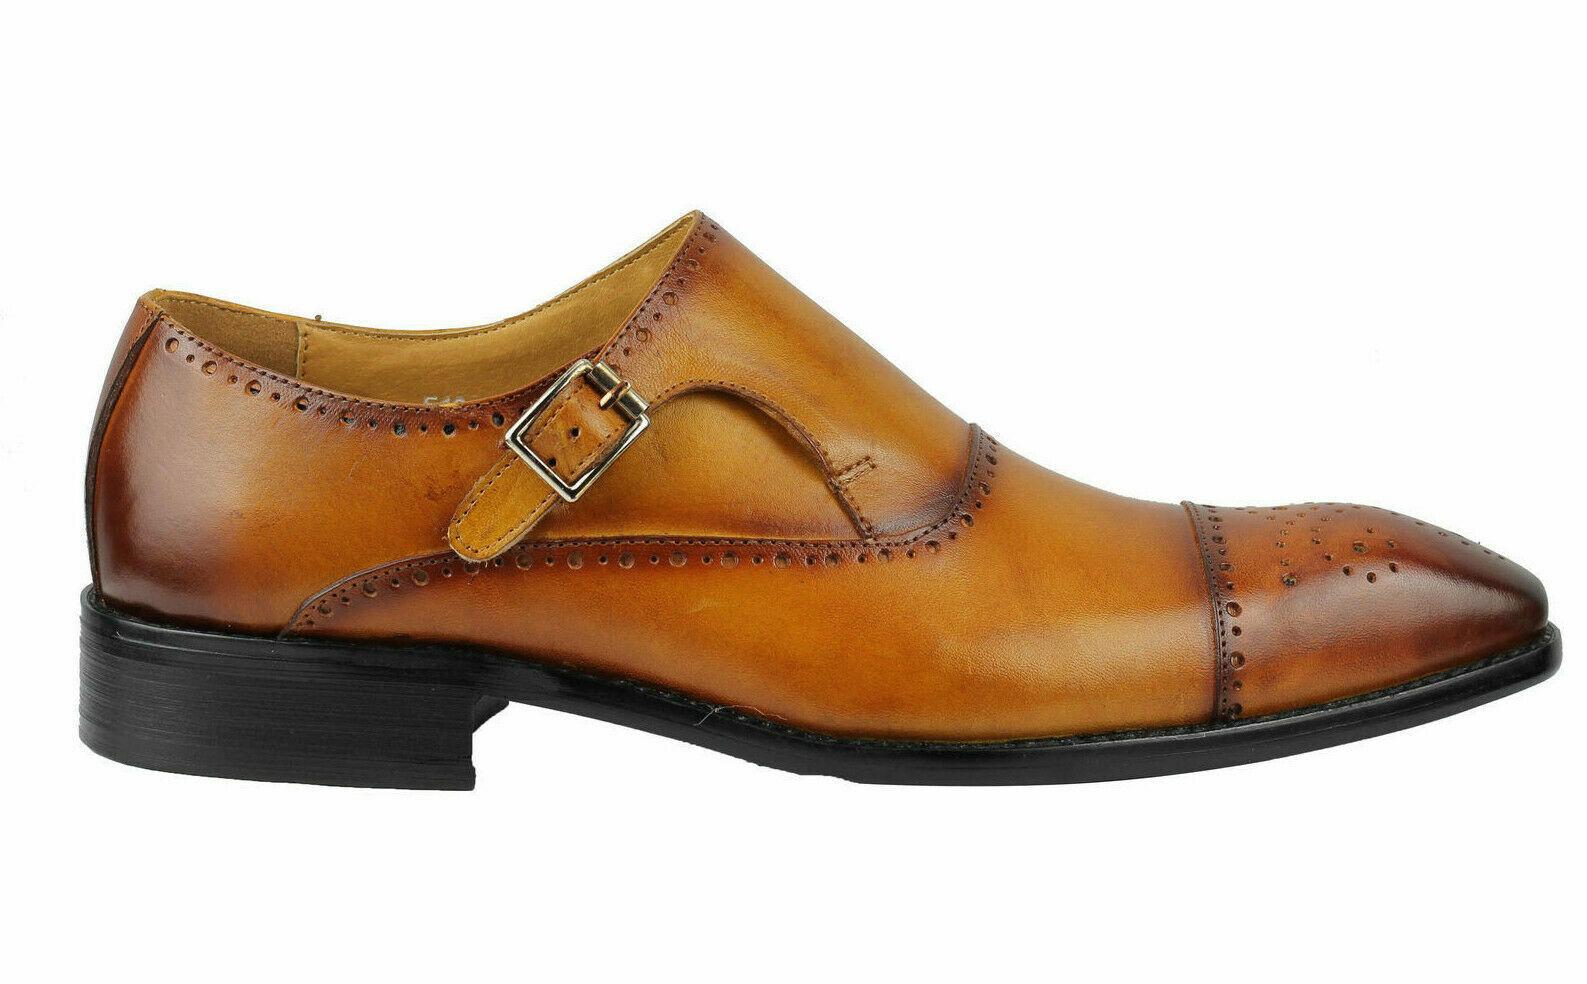 Hecho a mano para hombres Cuero Genuino tan sombreada punta del ala Oxford Zapatos Monje Brogue Hebilla